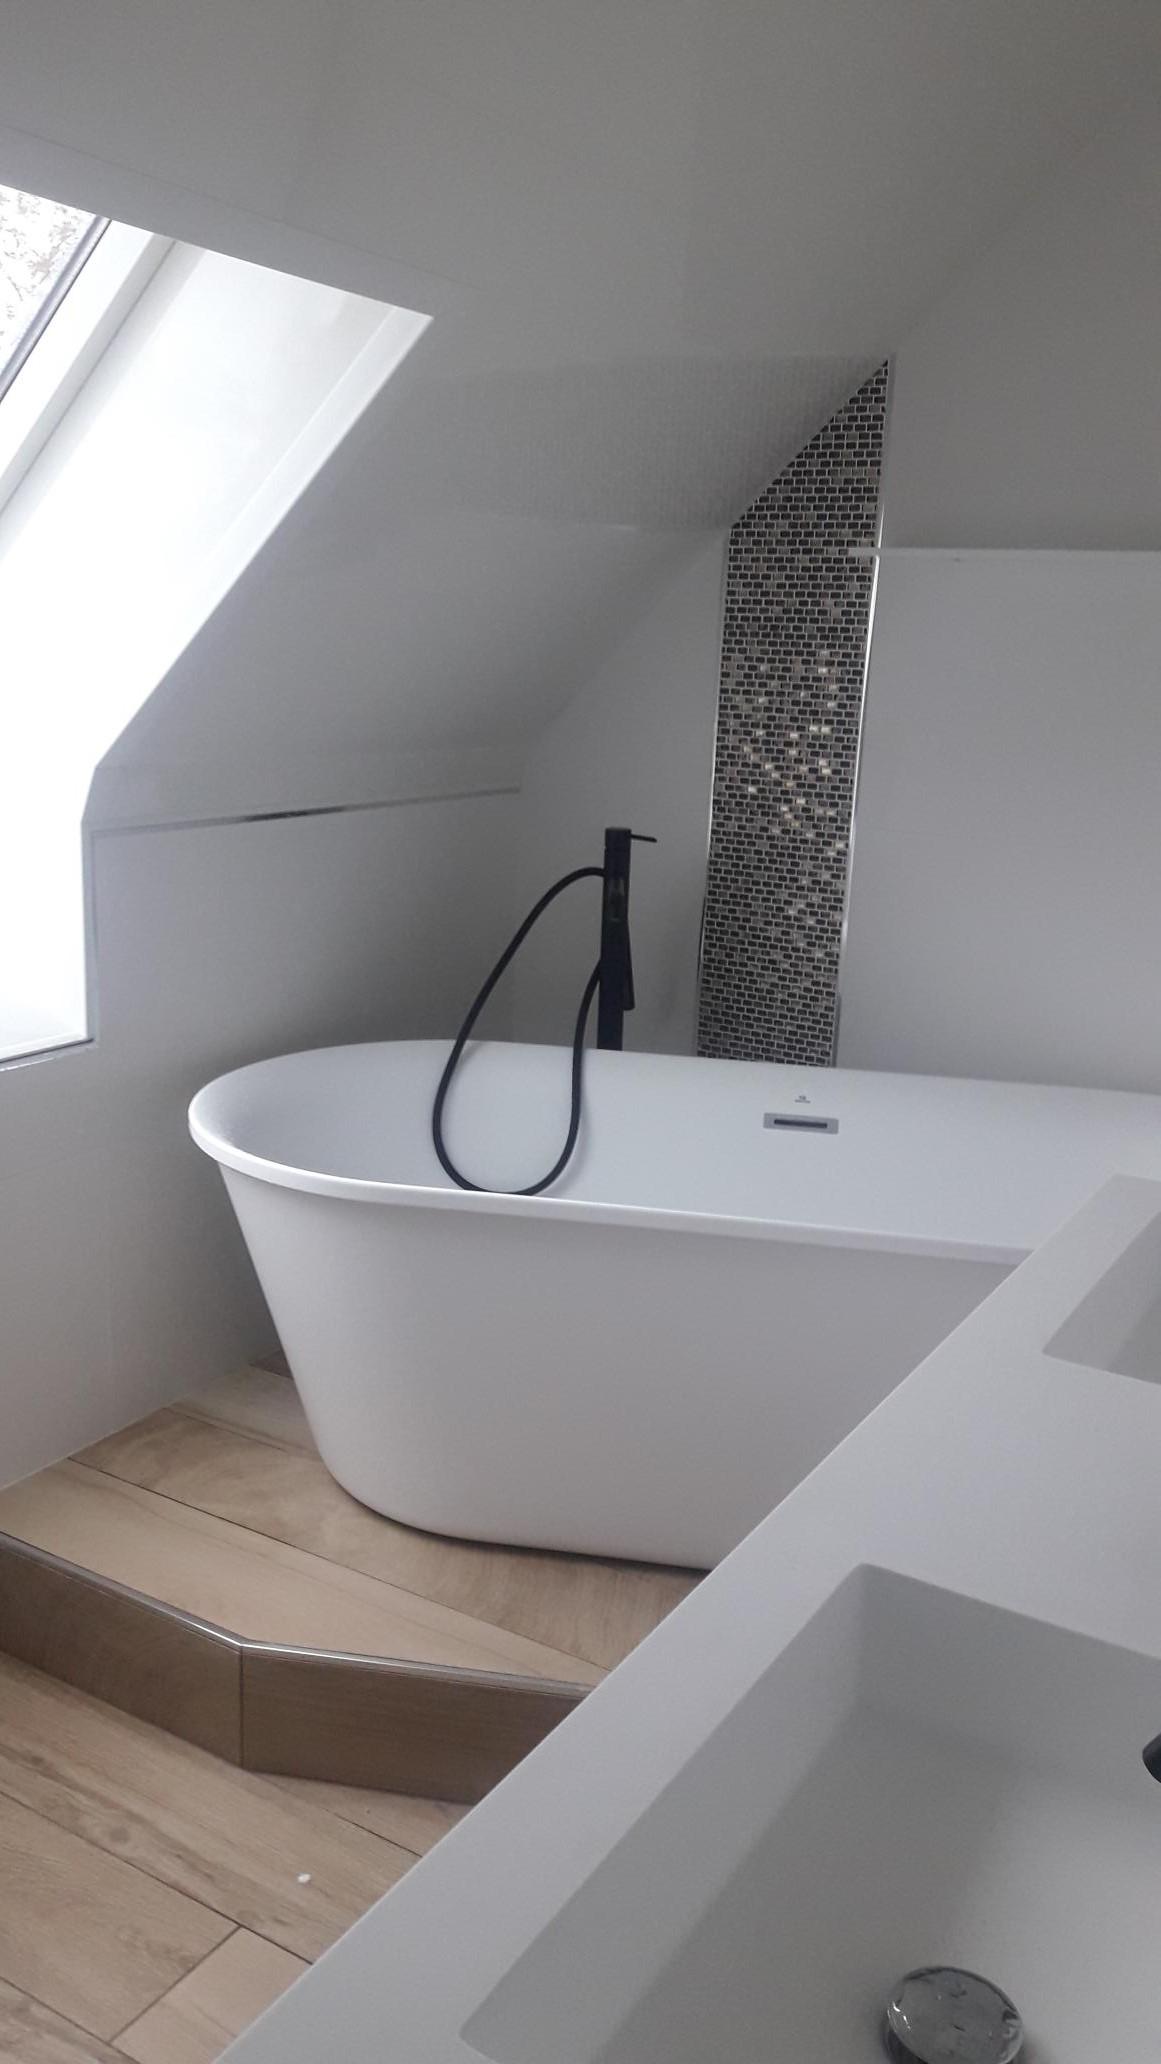 salle de bain avec baignoire îlot LANDEDA | Histoire d\'O